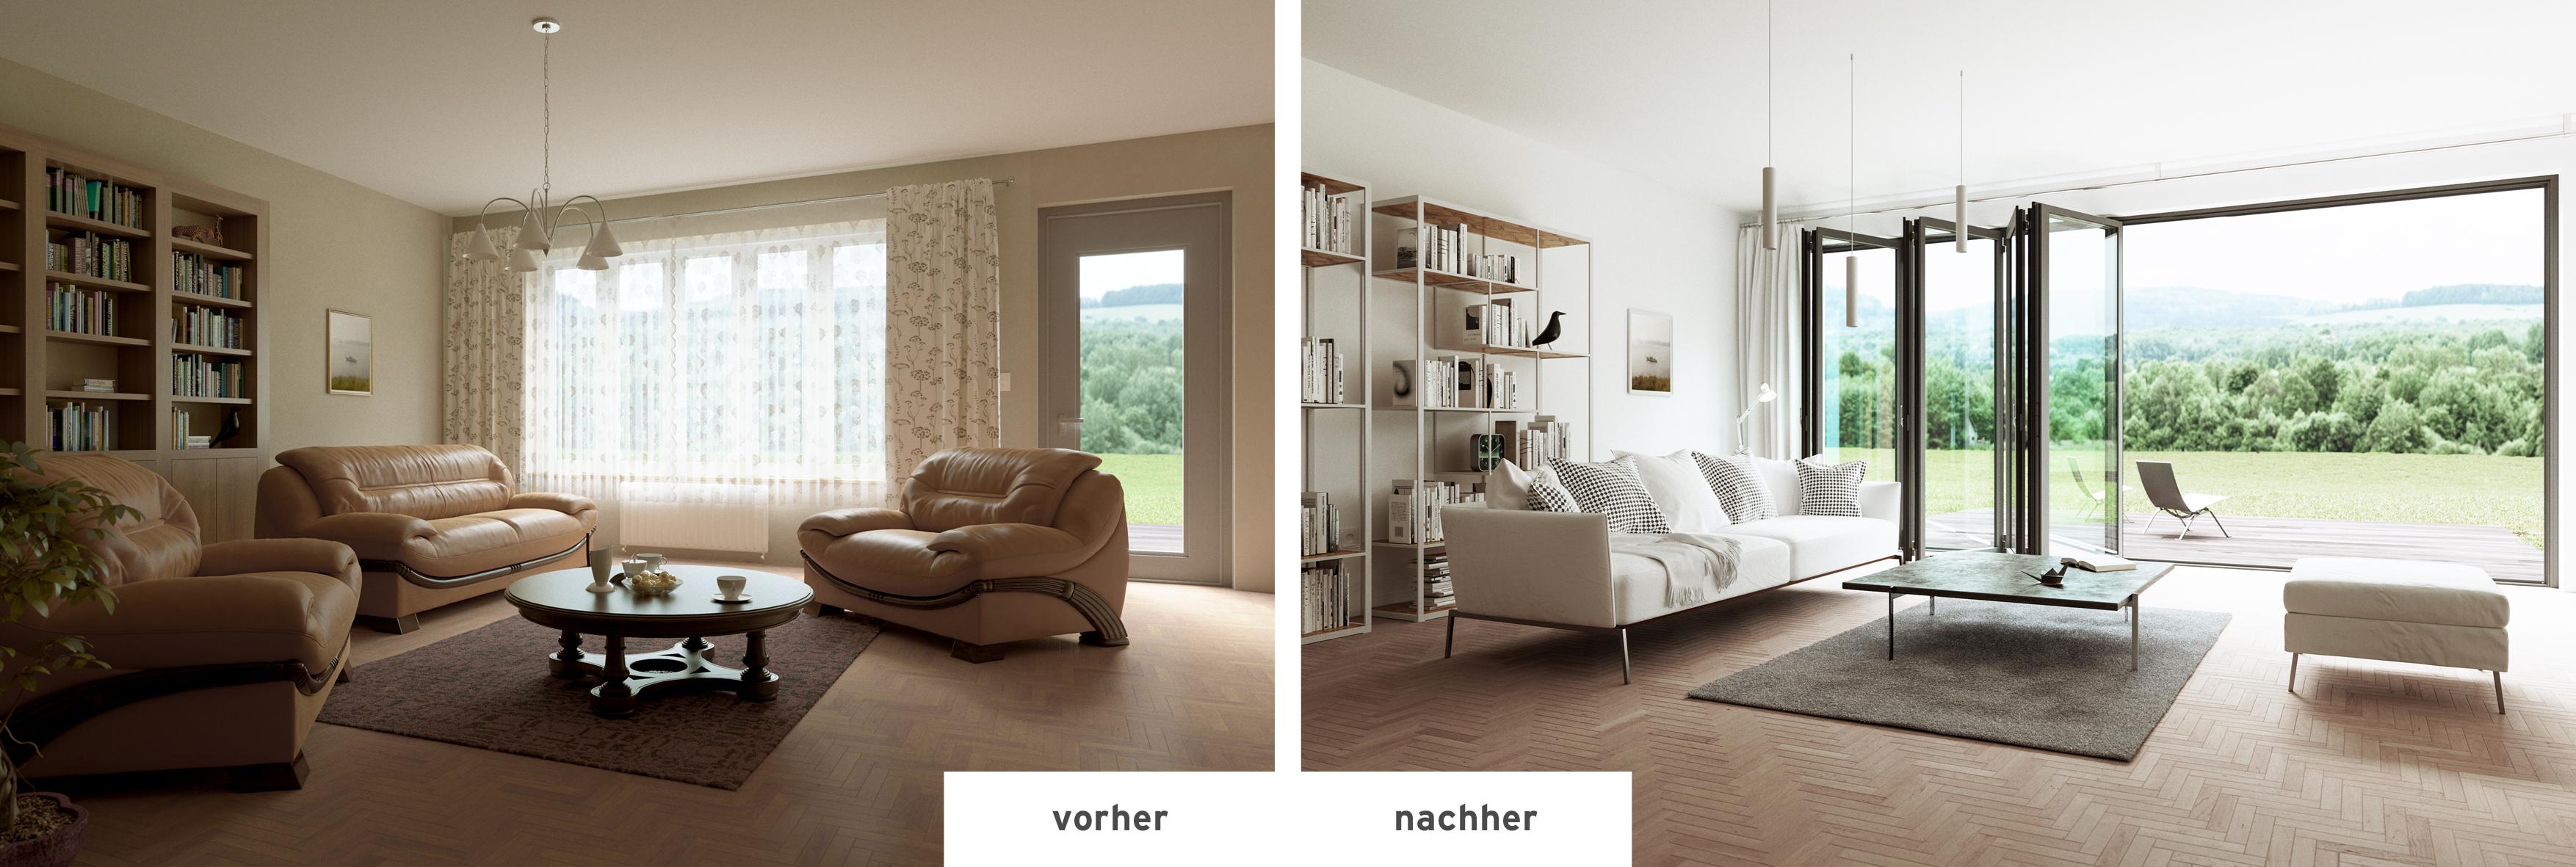 vorher nachher renovieren mit glas faltwand solarlux blog. Black Bedroom Furniture Sets. Home Design Ideas